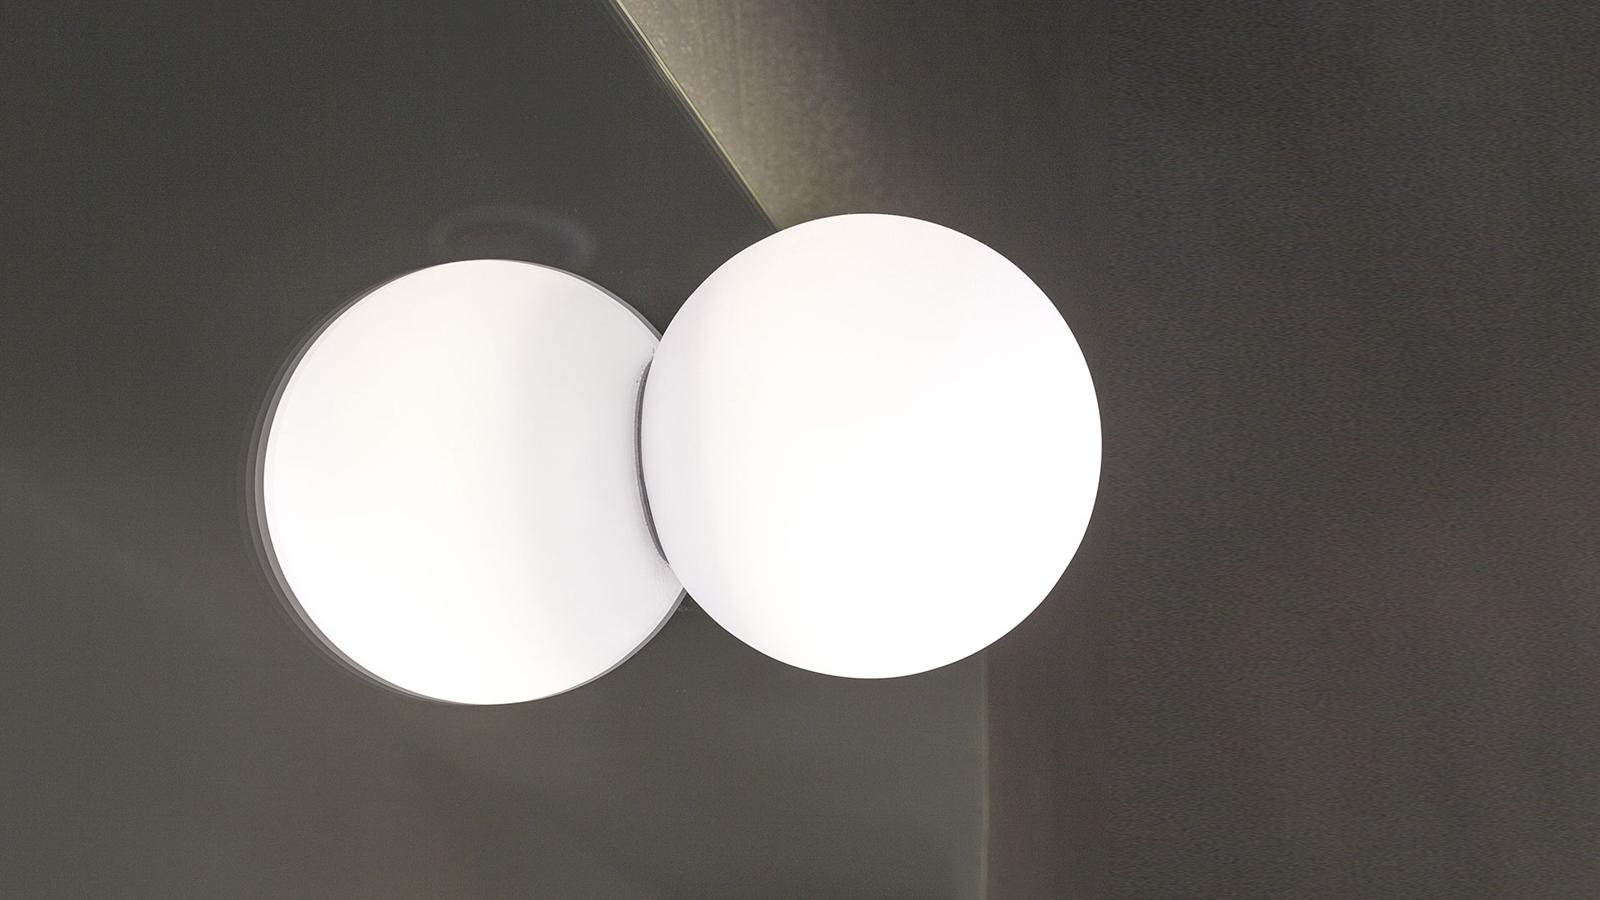 Az antoniolupi Bolla lámpateste egyszerű, gömb forma, mely homokfúvott üveg burája segítségével gondoskodik a lágy, egyenletes megvilágításról a fürdőszobában. Önmagában és párban is használható, ráadásul tükörre is felhelyezhető, melynek köszönhetően valóban egyedi látvány kialakítására is alkalmas. Két méretben elérhető.